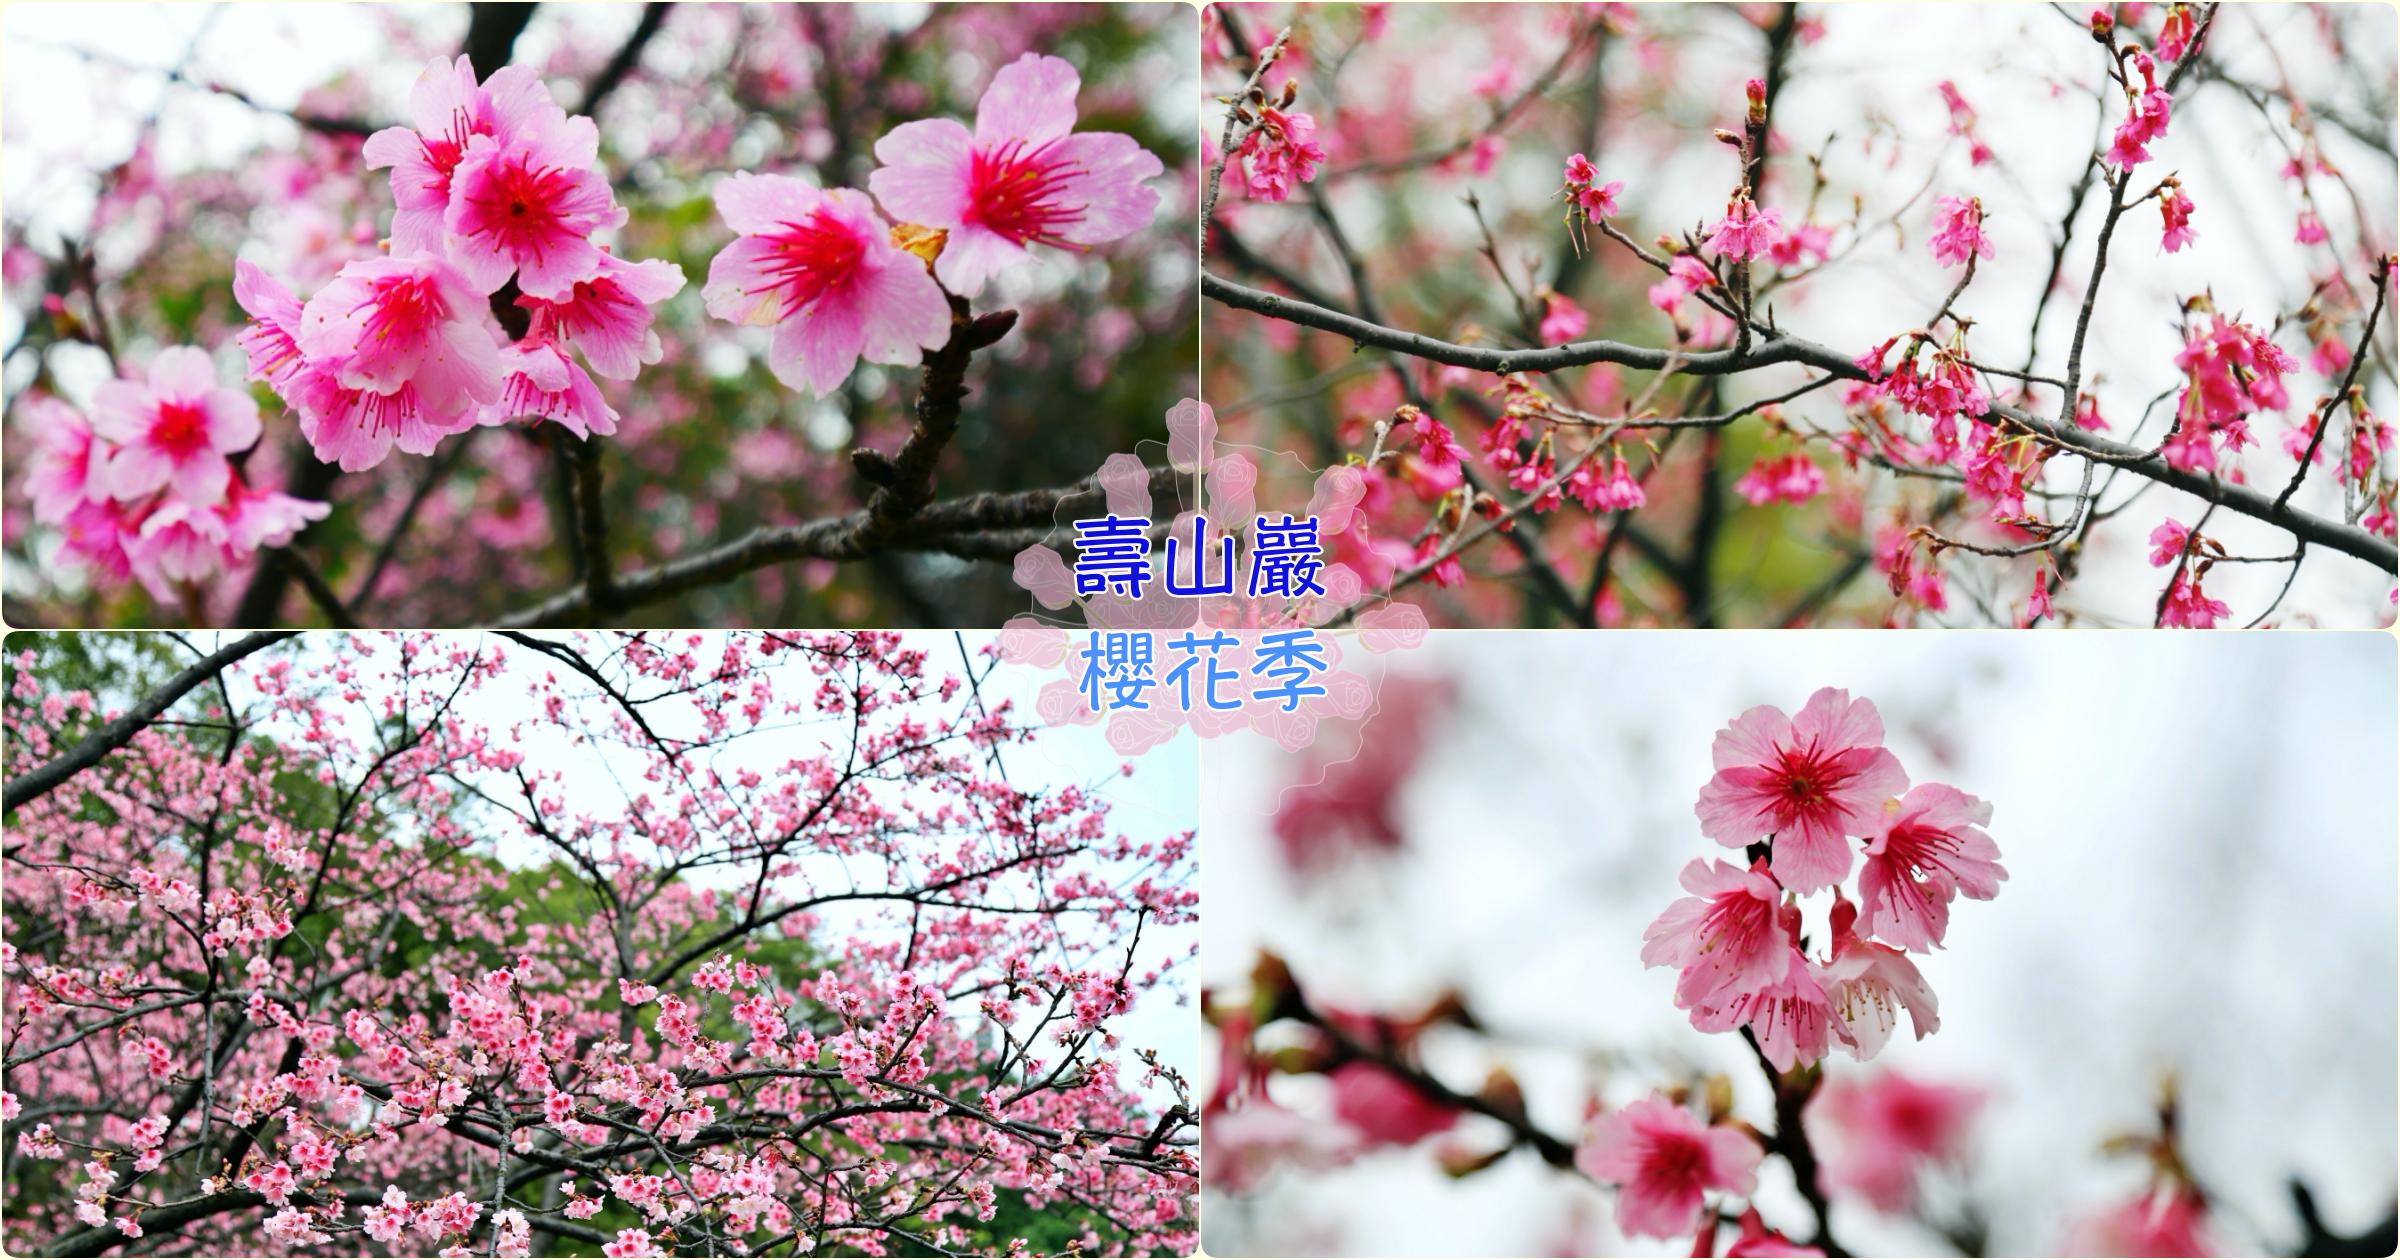 最新推播訊息:[龜山旅遊]壽山巖觀音寺.壽山櫻花園 桃園市區附近最大片櫻花園~免費景點.預計二月底盛開